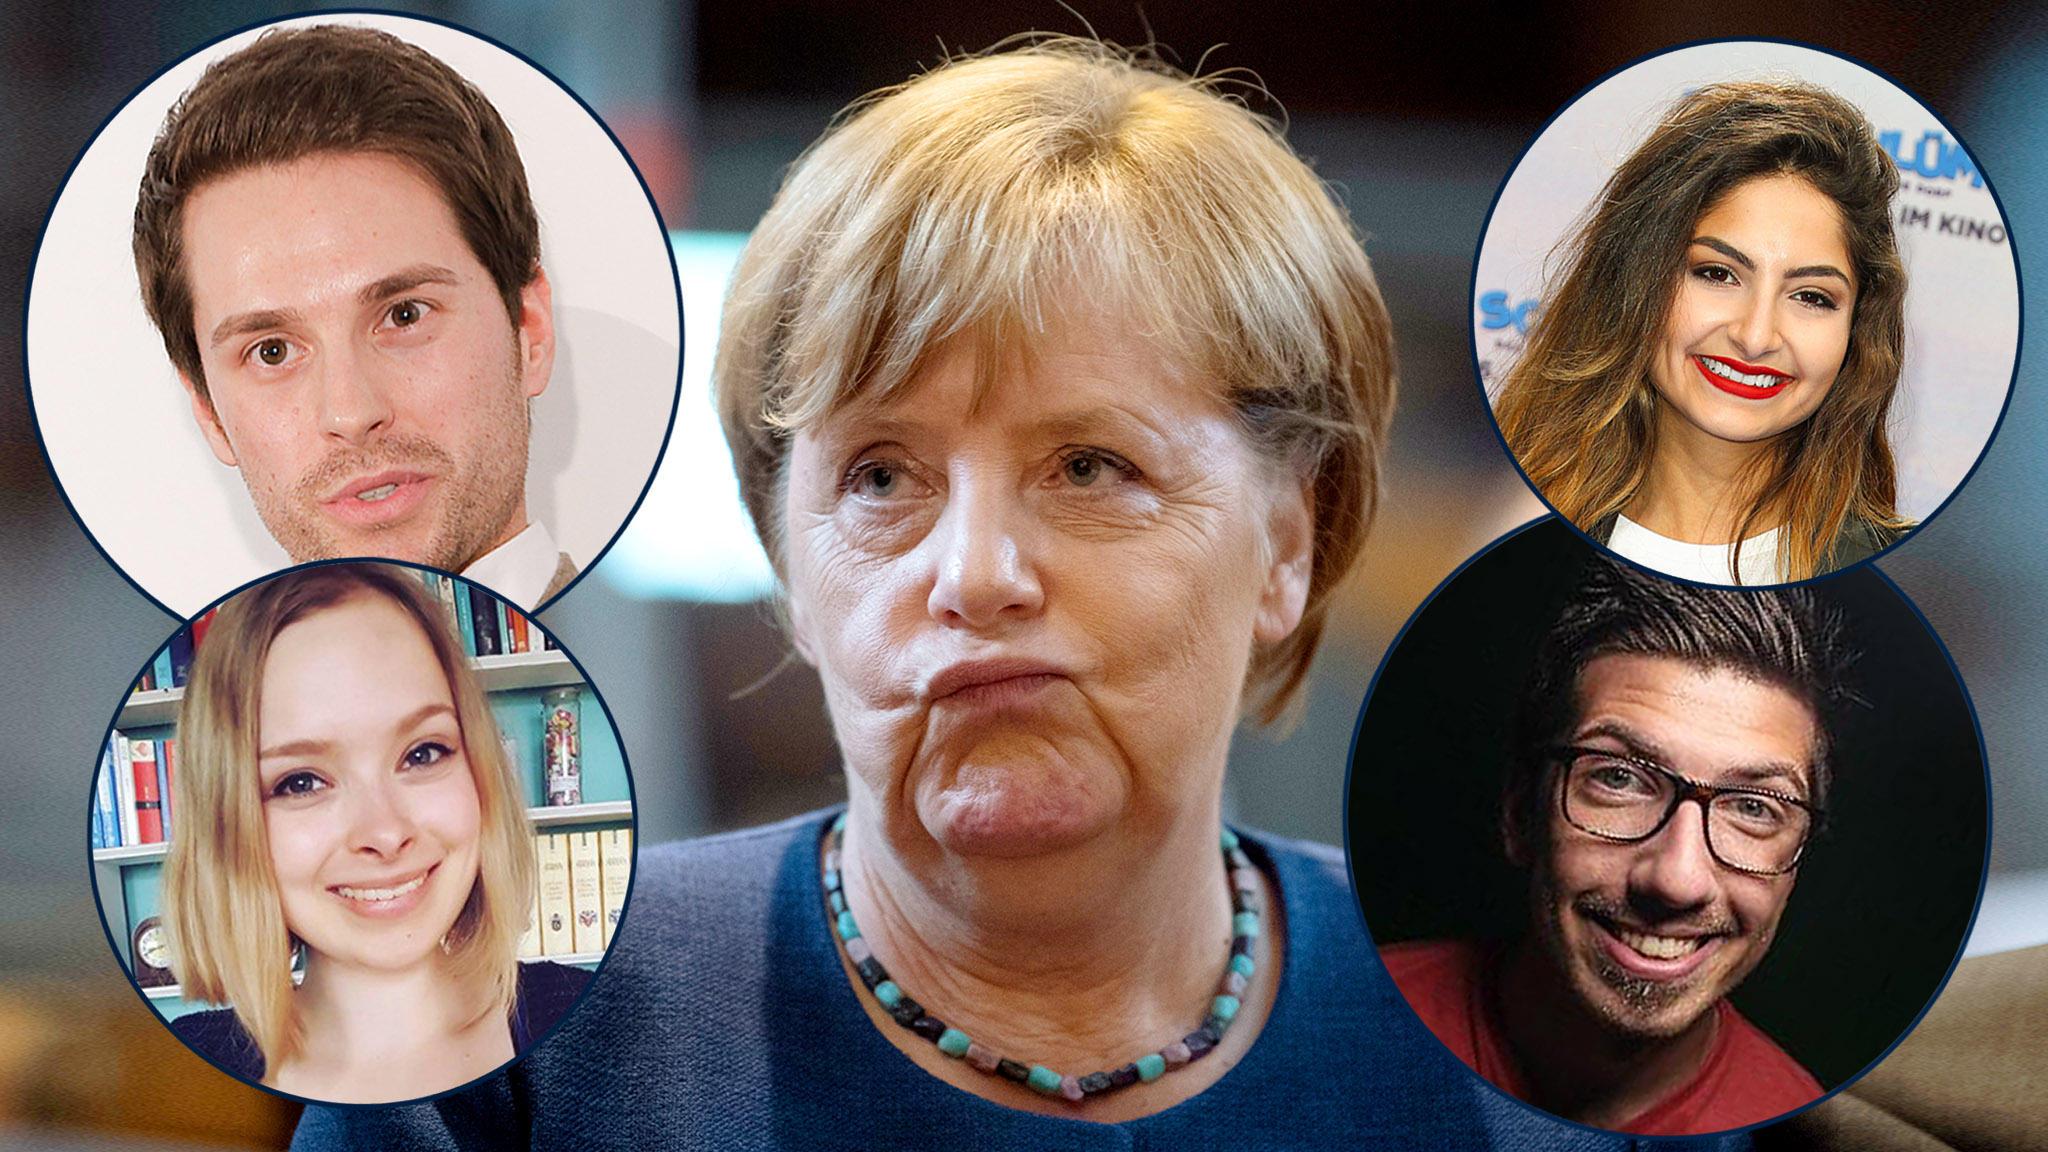 Angela Merkel Nude angela merkel jung nackt. 😝 angela merkel naked *updated